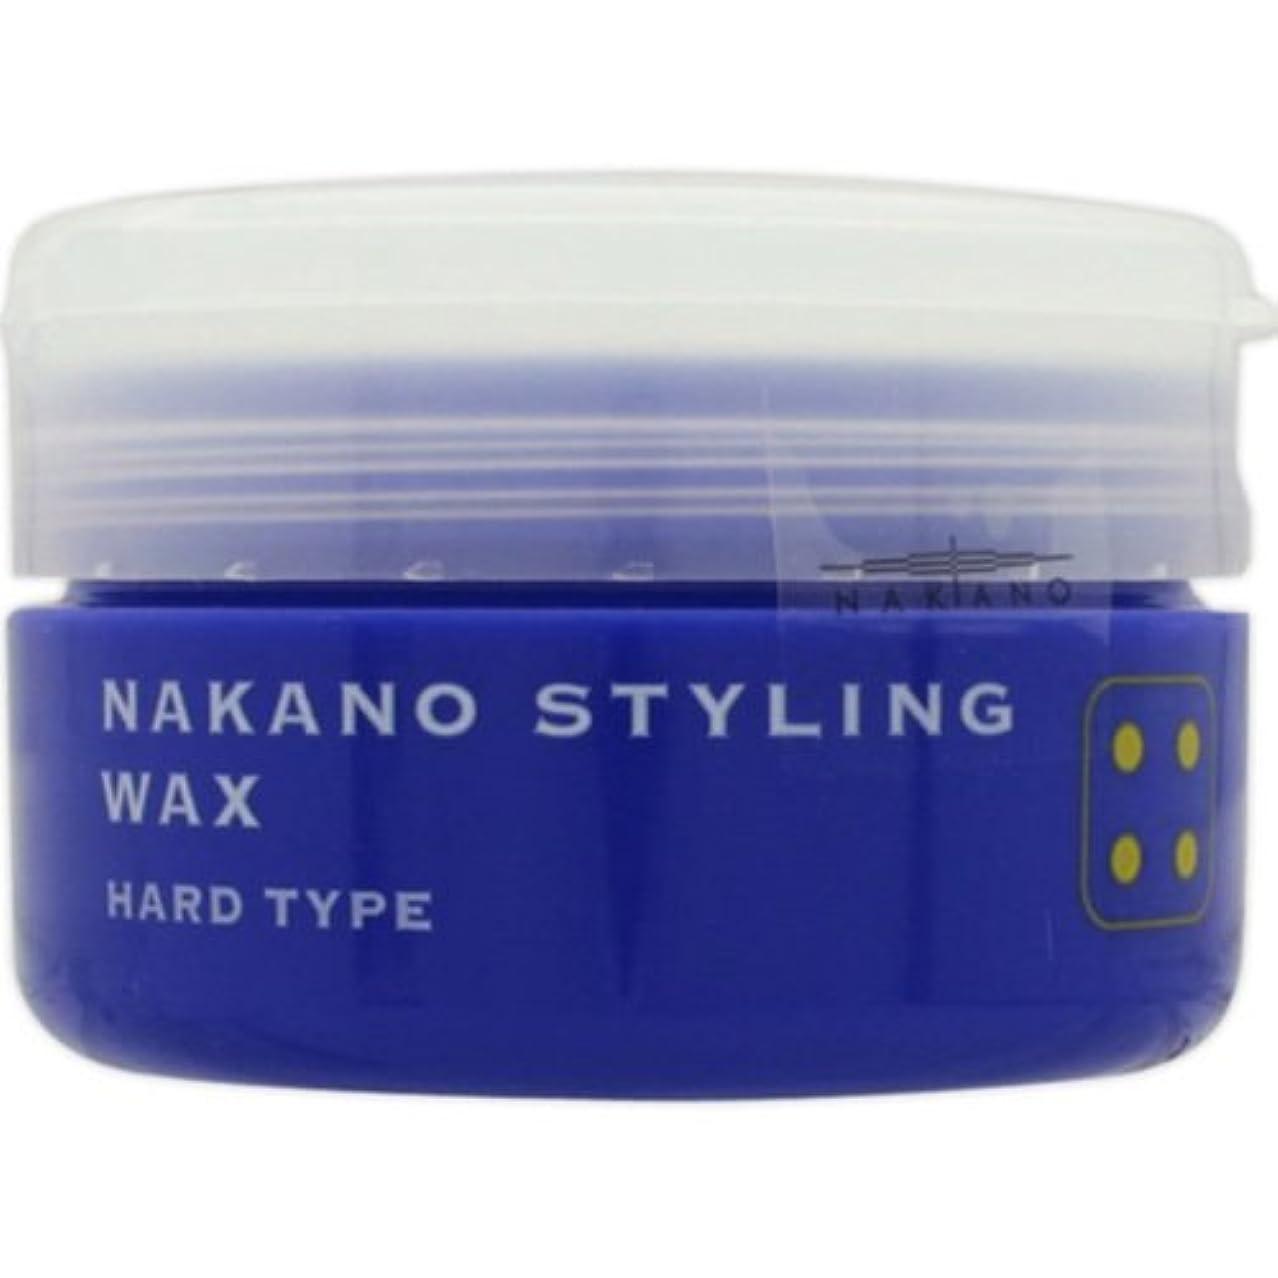 剥ぎ取るパール暗殺するナカノ スタイリングワックス 4 ハードタイプ 90g 中野製薬 NAKANO